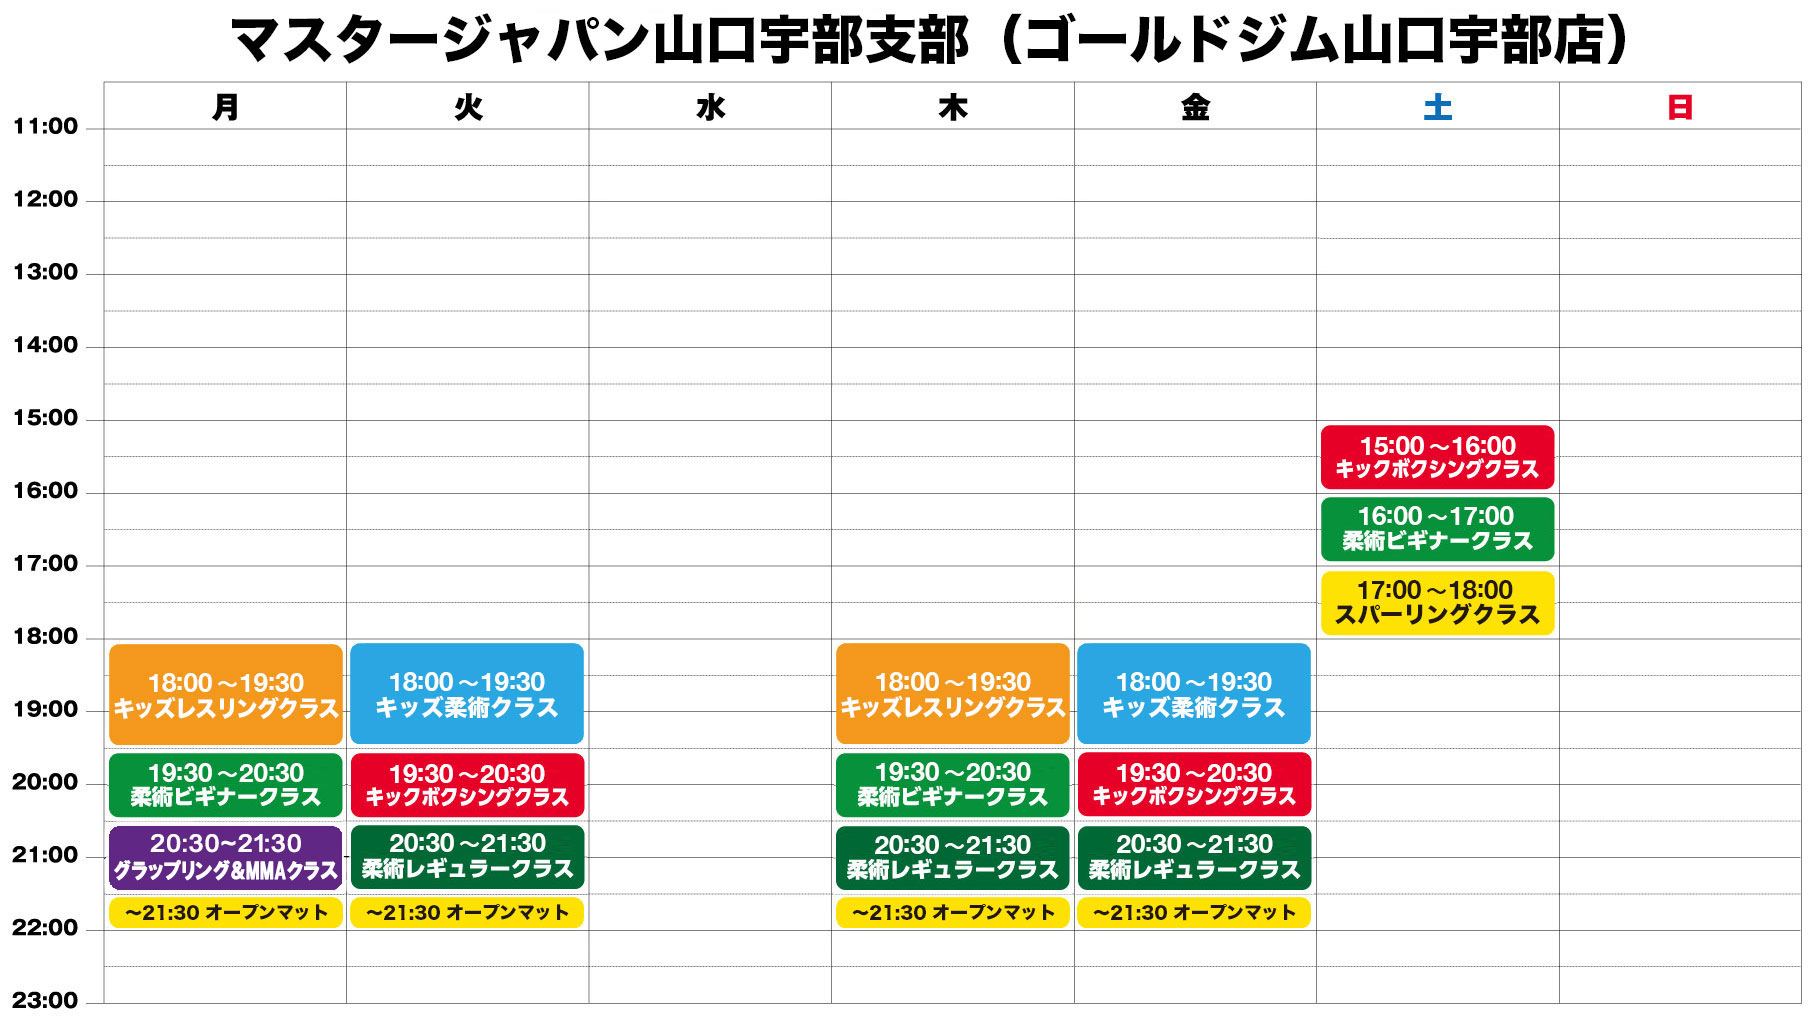 マスタージャパン山口宇部支部スケジュール表(2018年2月~)